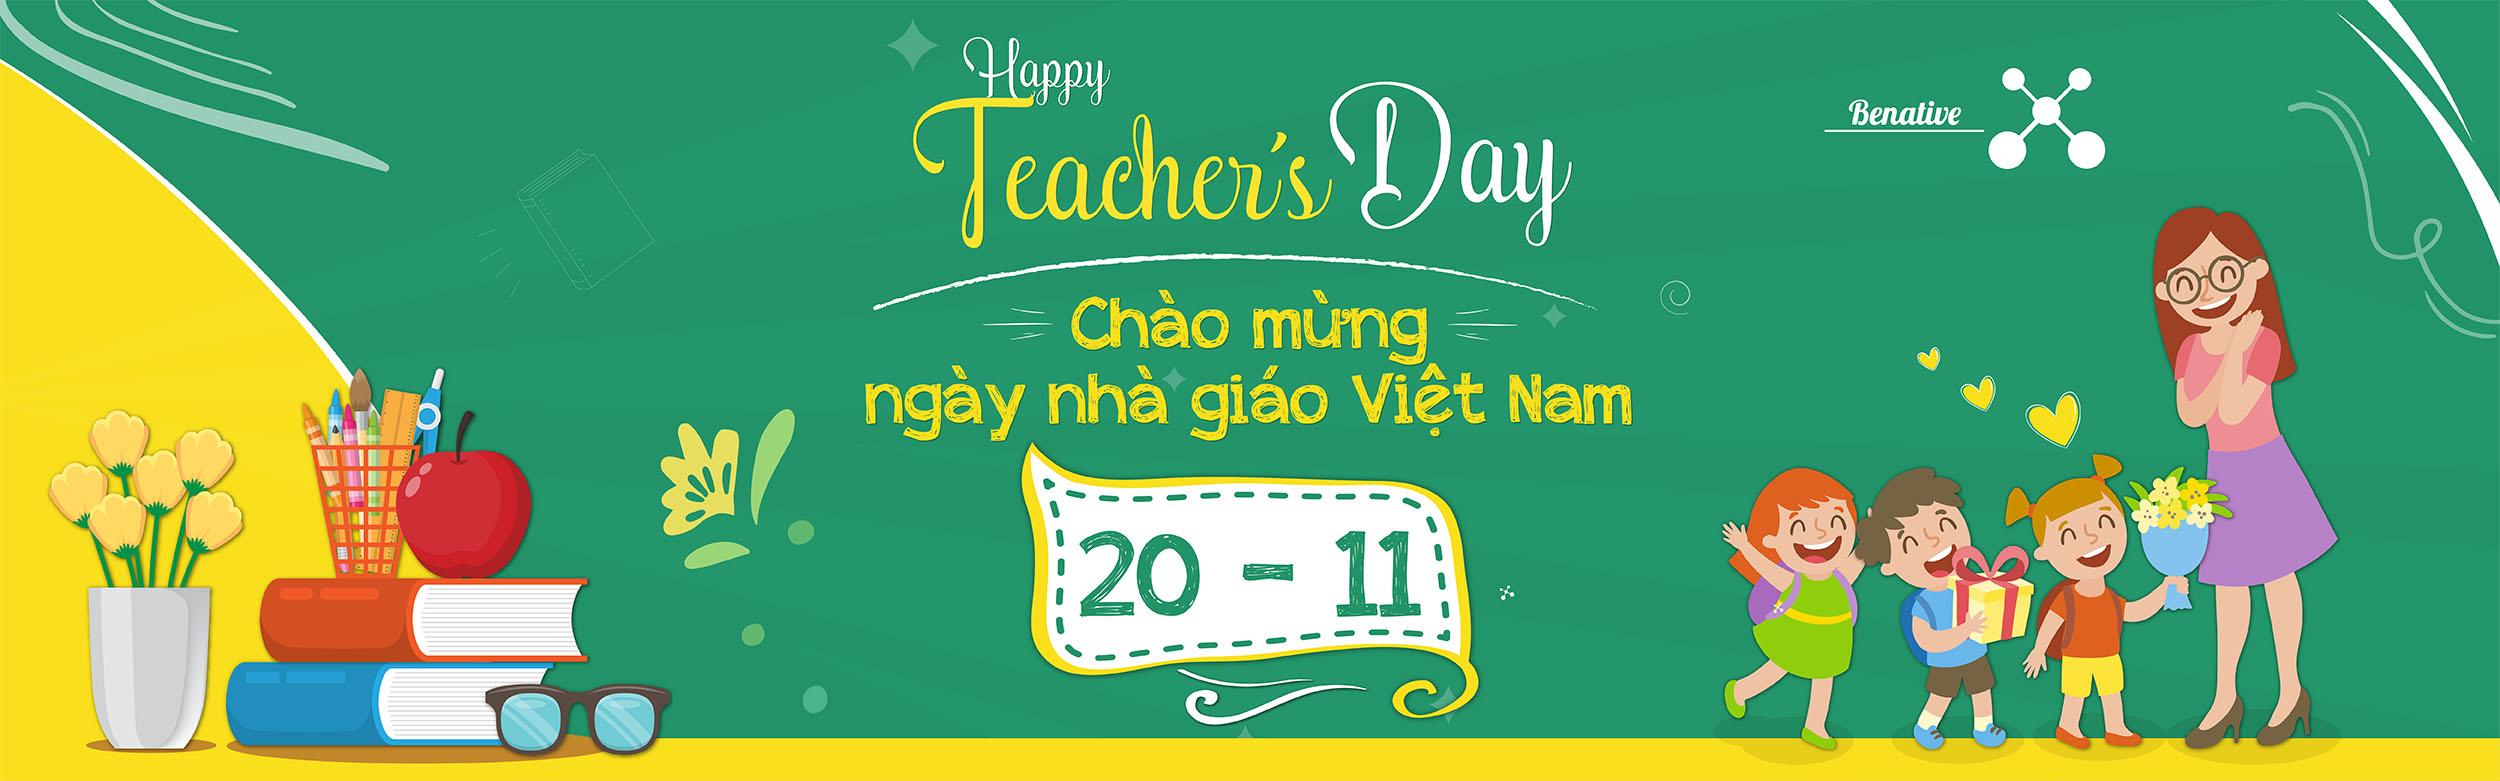 Mừng ngày nhà giáo Việt Nam